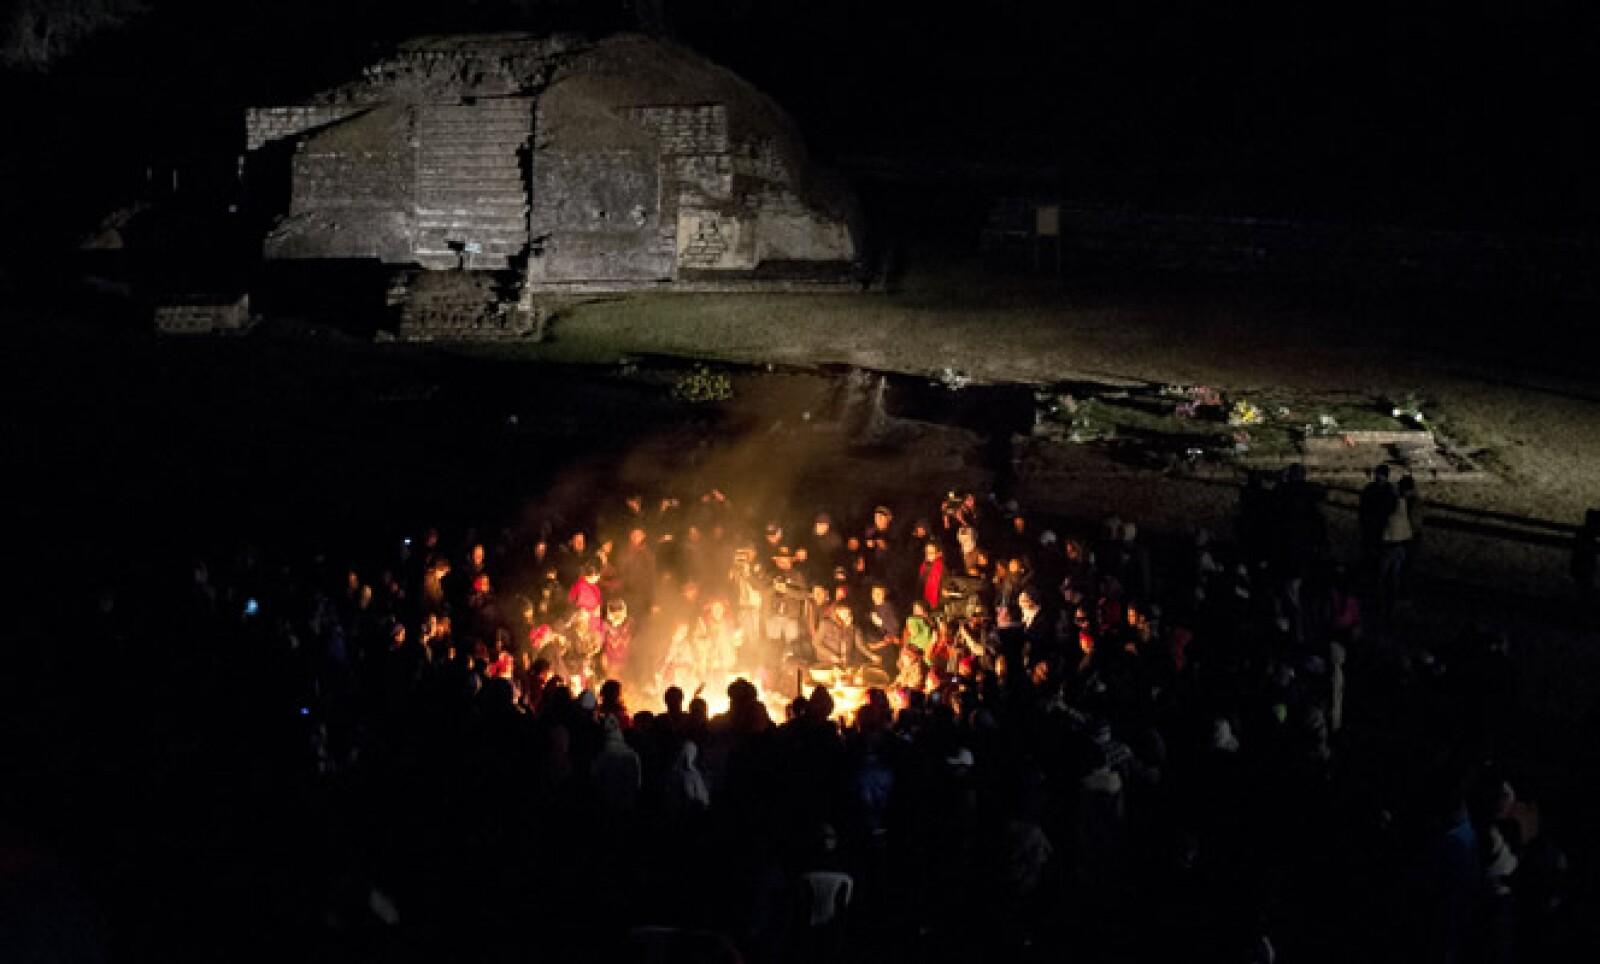 Los guatemaltecos no festejaron el fin del mundo, sino el fin del calendario maya en una ceremonia para recordar a sus ancestros.